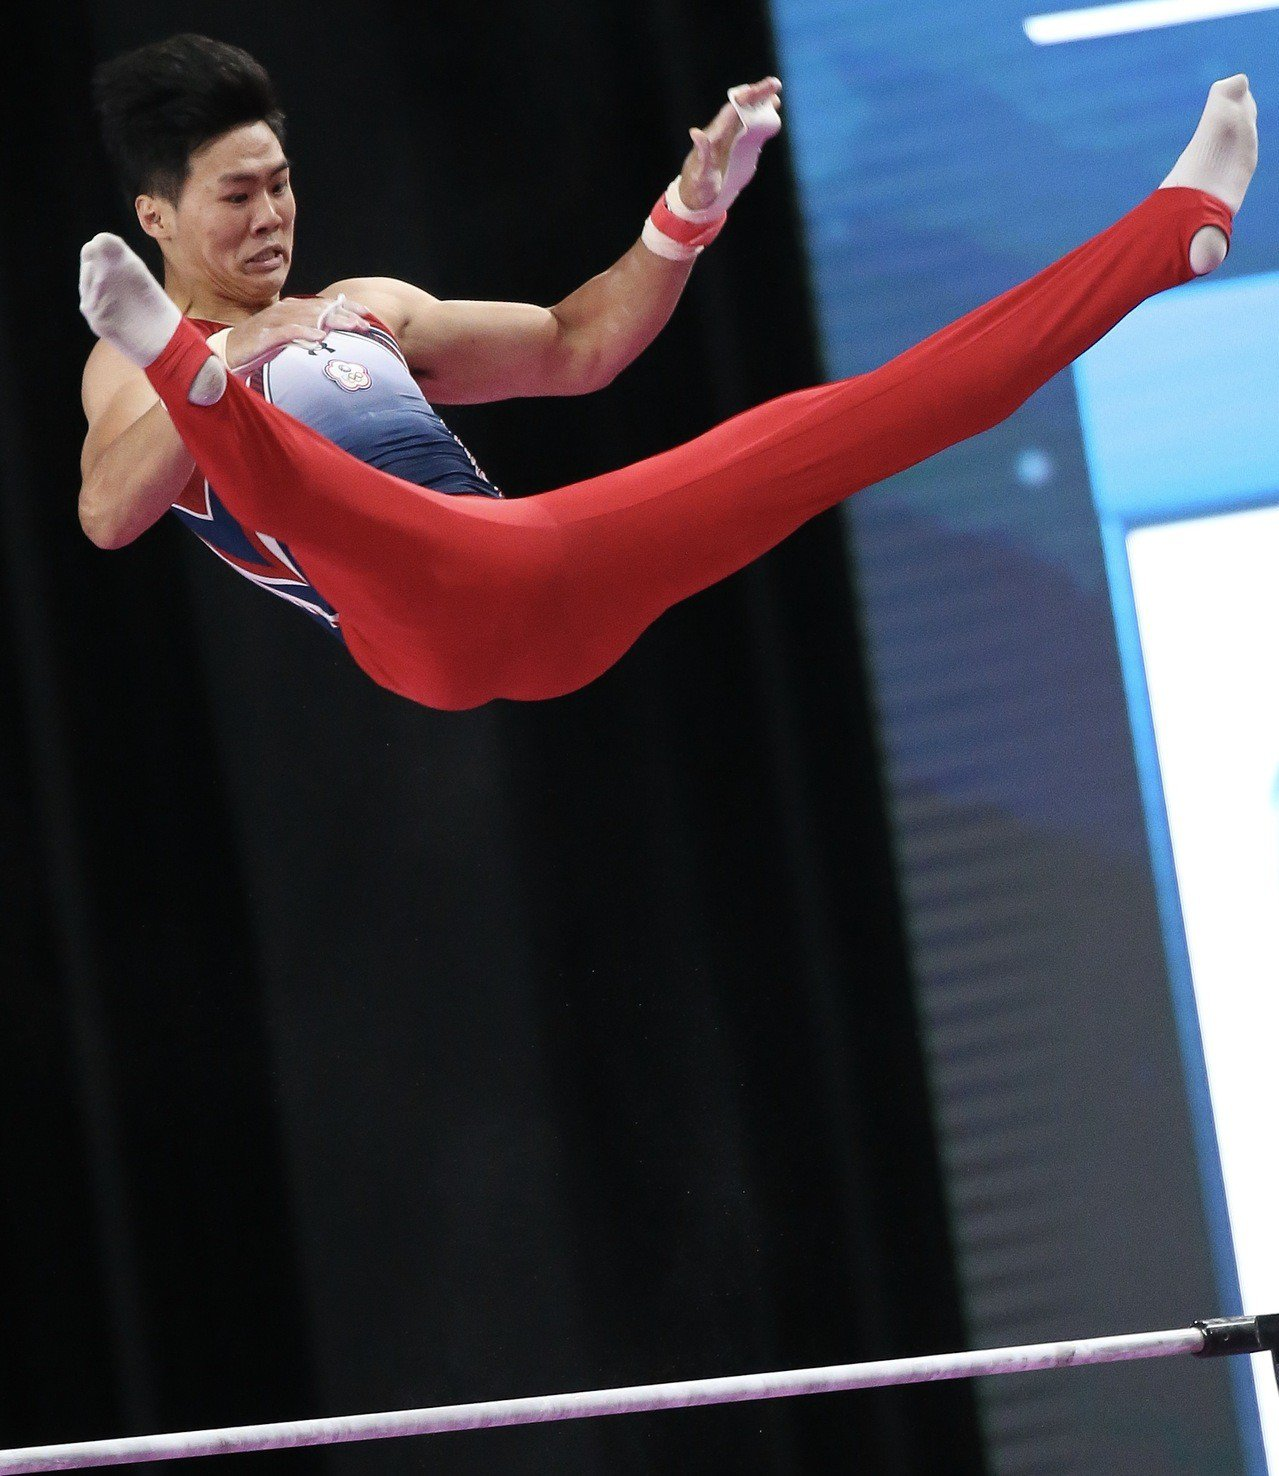 唐嘉鴻在男子單槓決賽演出多套騰躍動作。特派記者余承翰/雅加達攝影